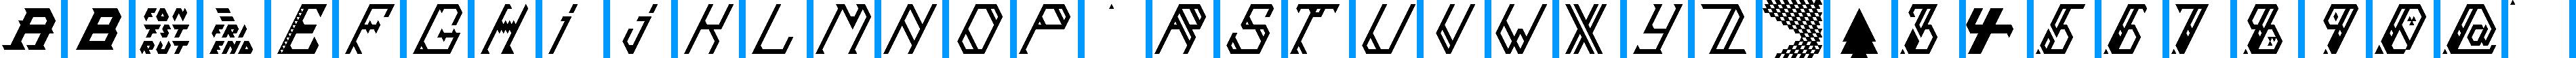 Particip-a-type v.345